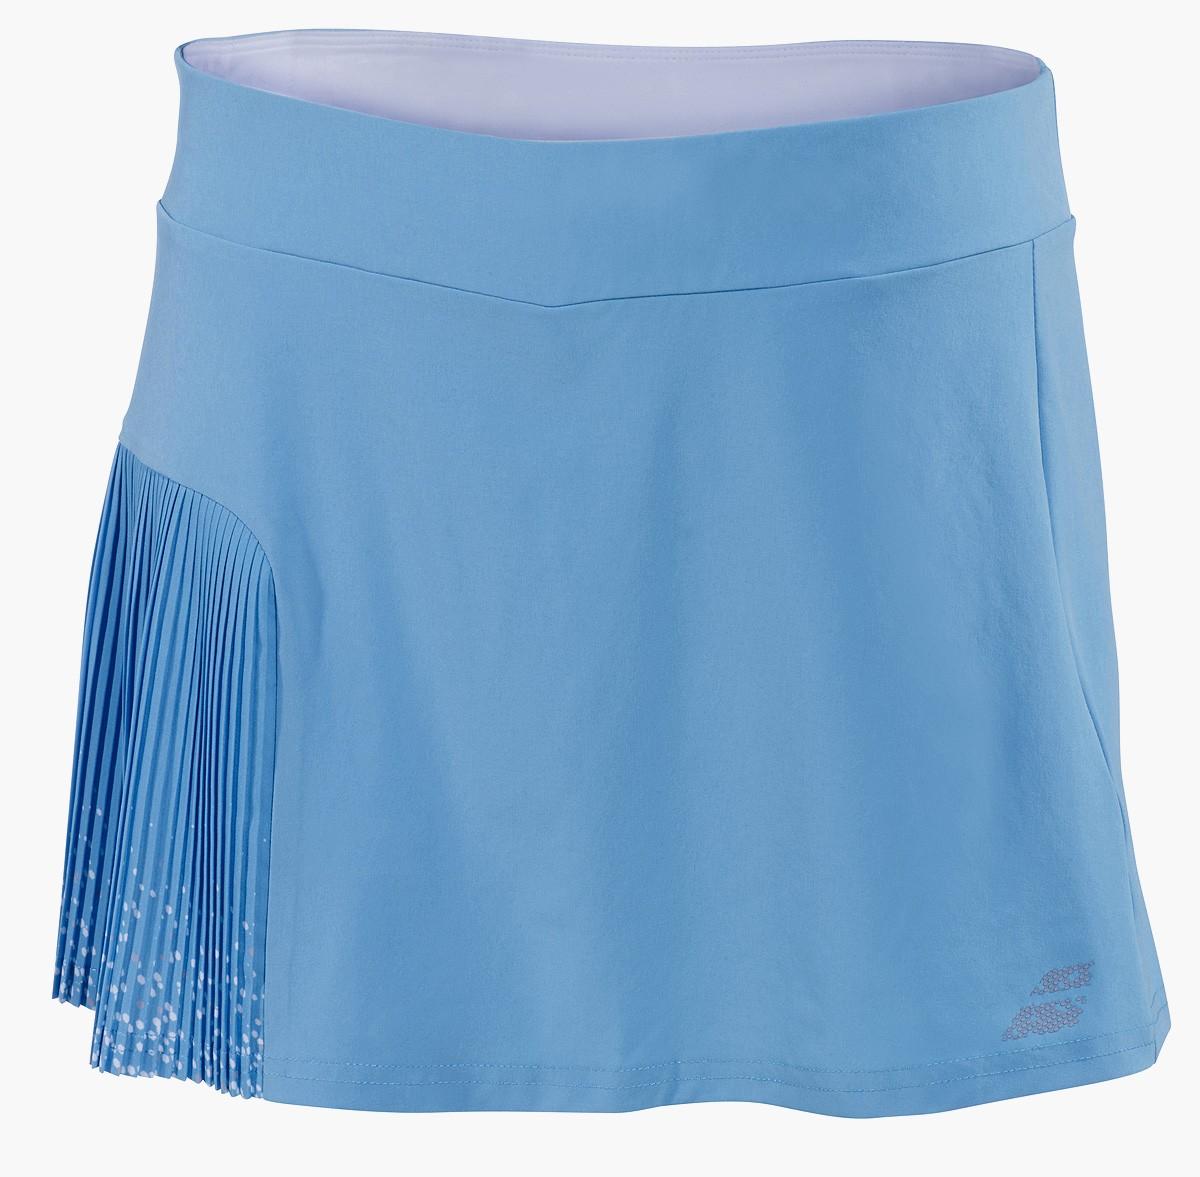 Spódniczka tenisowa dziewczęca Babolat PERF Skirt Horizon Blue